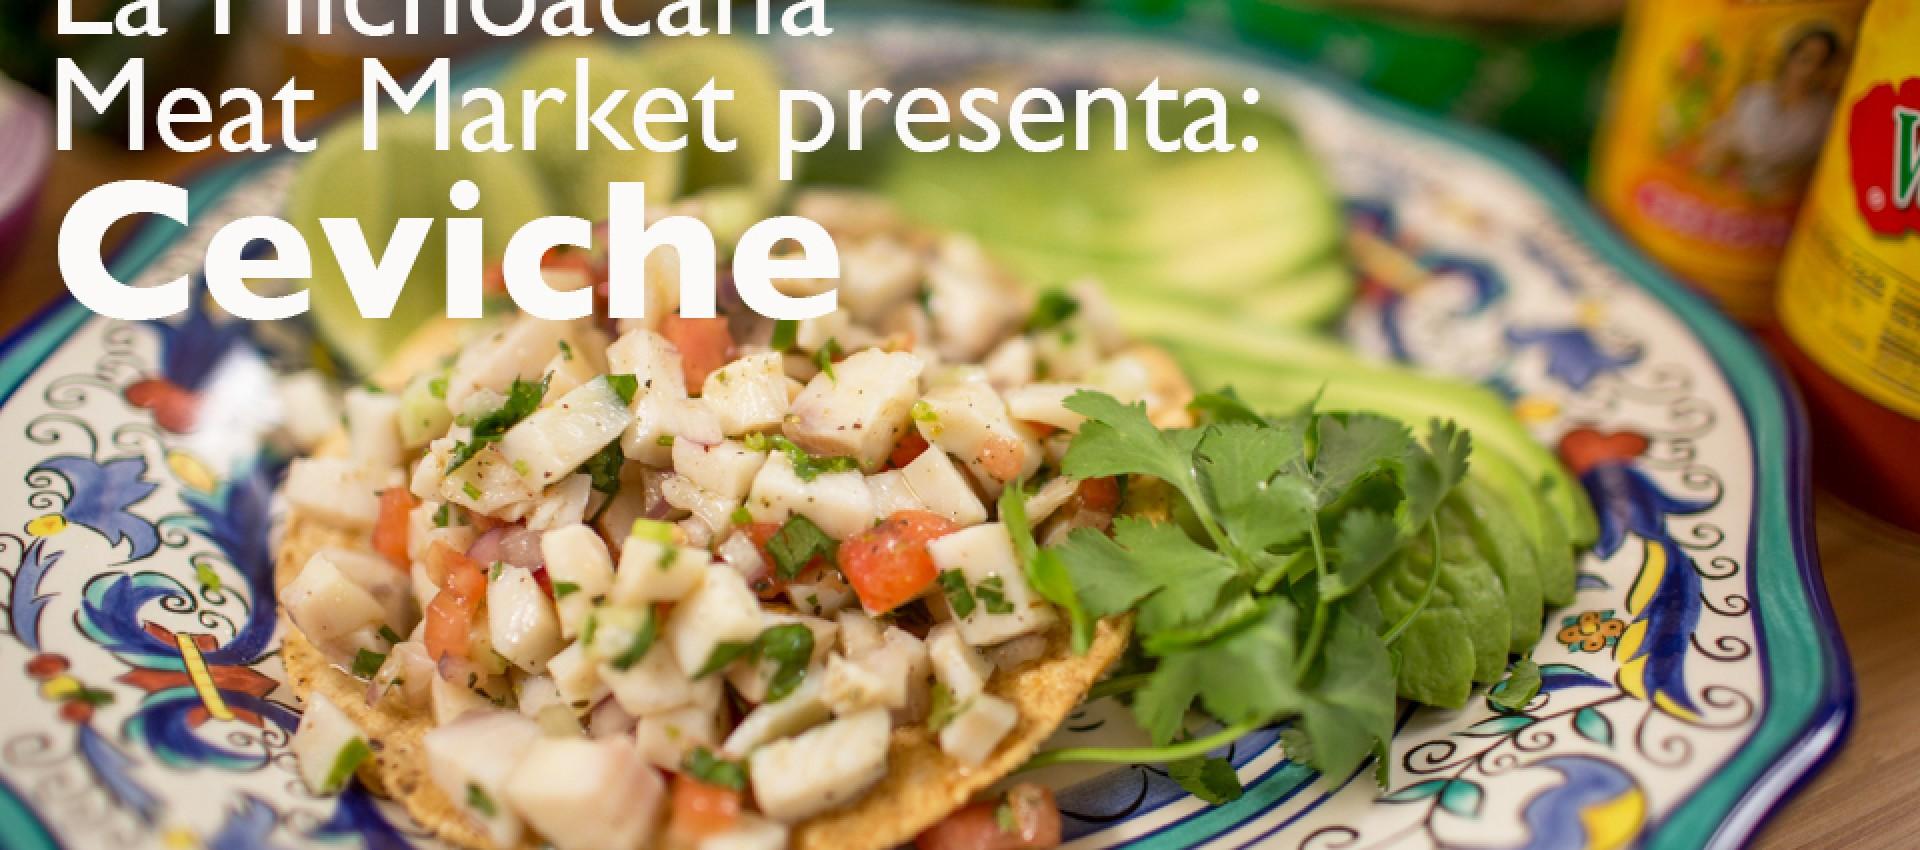 Mexican Fish Ceviche Image